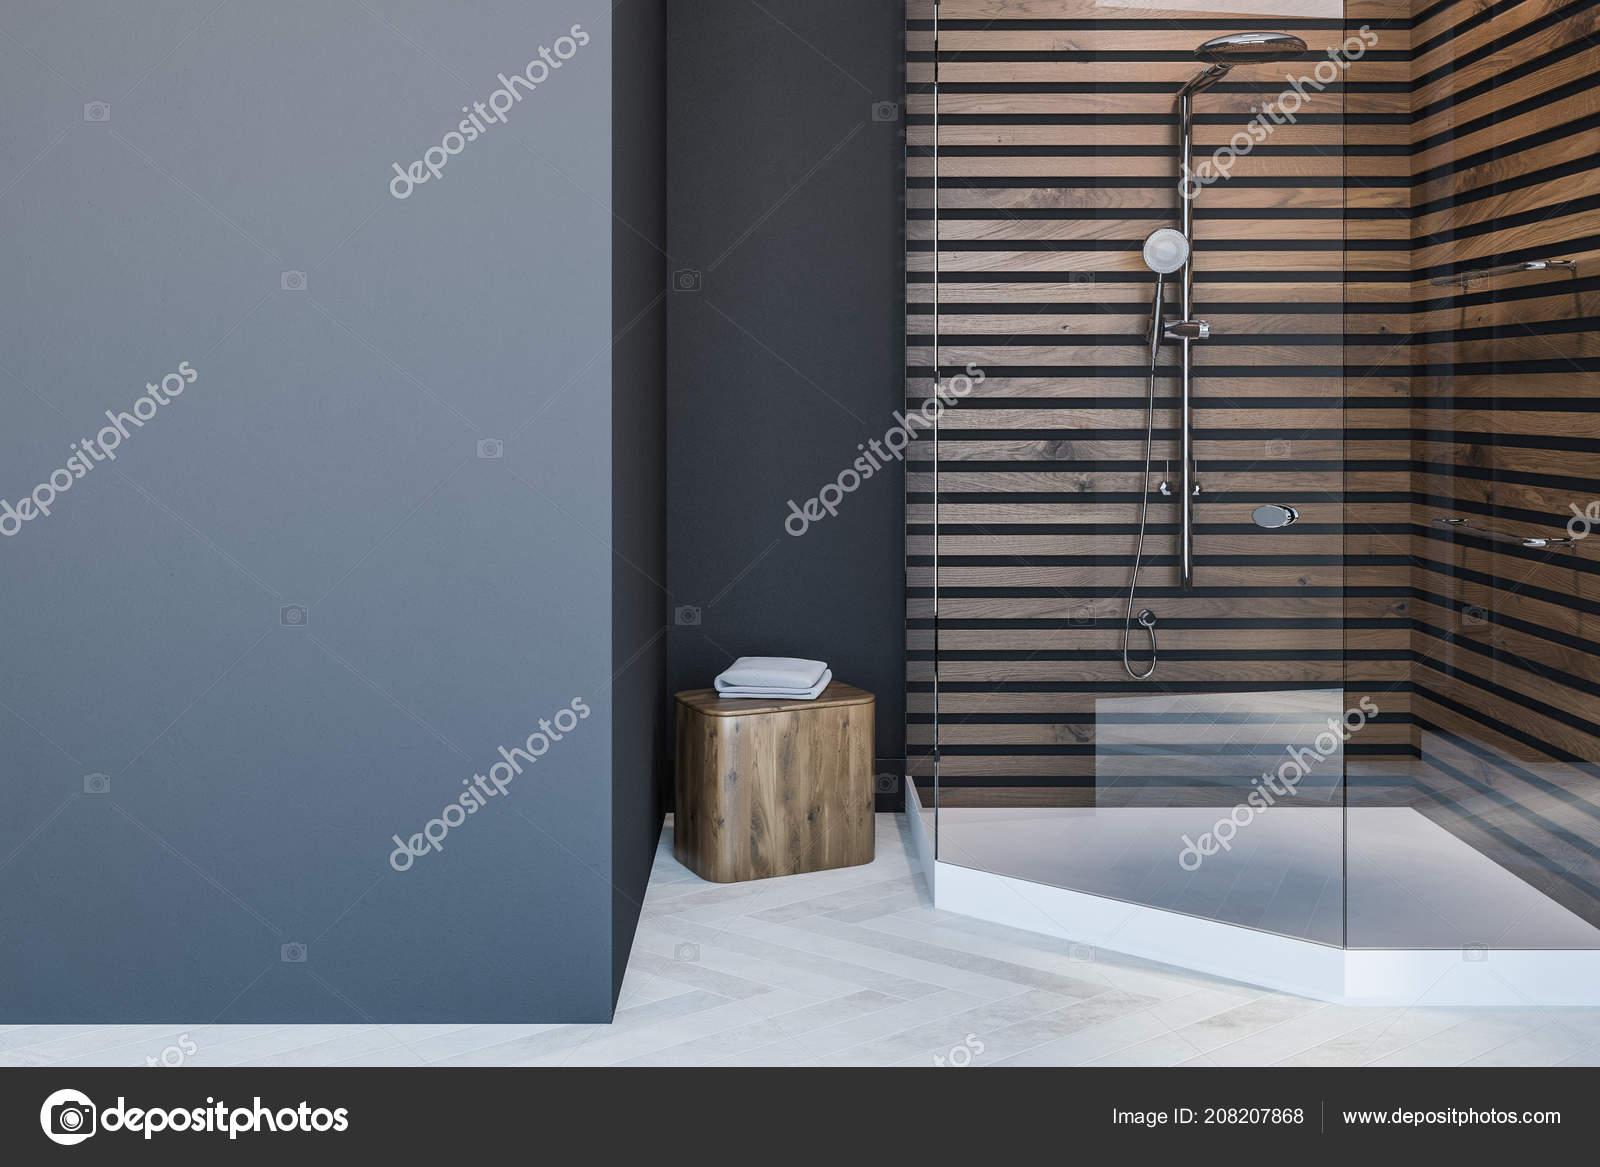 Skandinavischen Stil Badezimmer Interieur Mit Grauen Wänden Einen ...